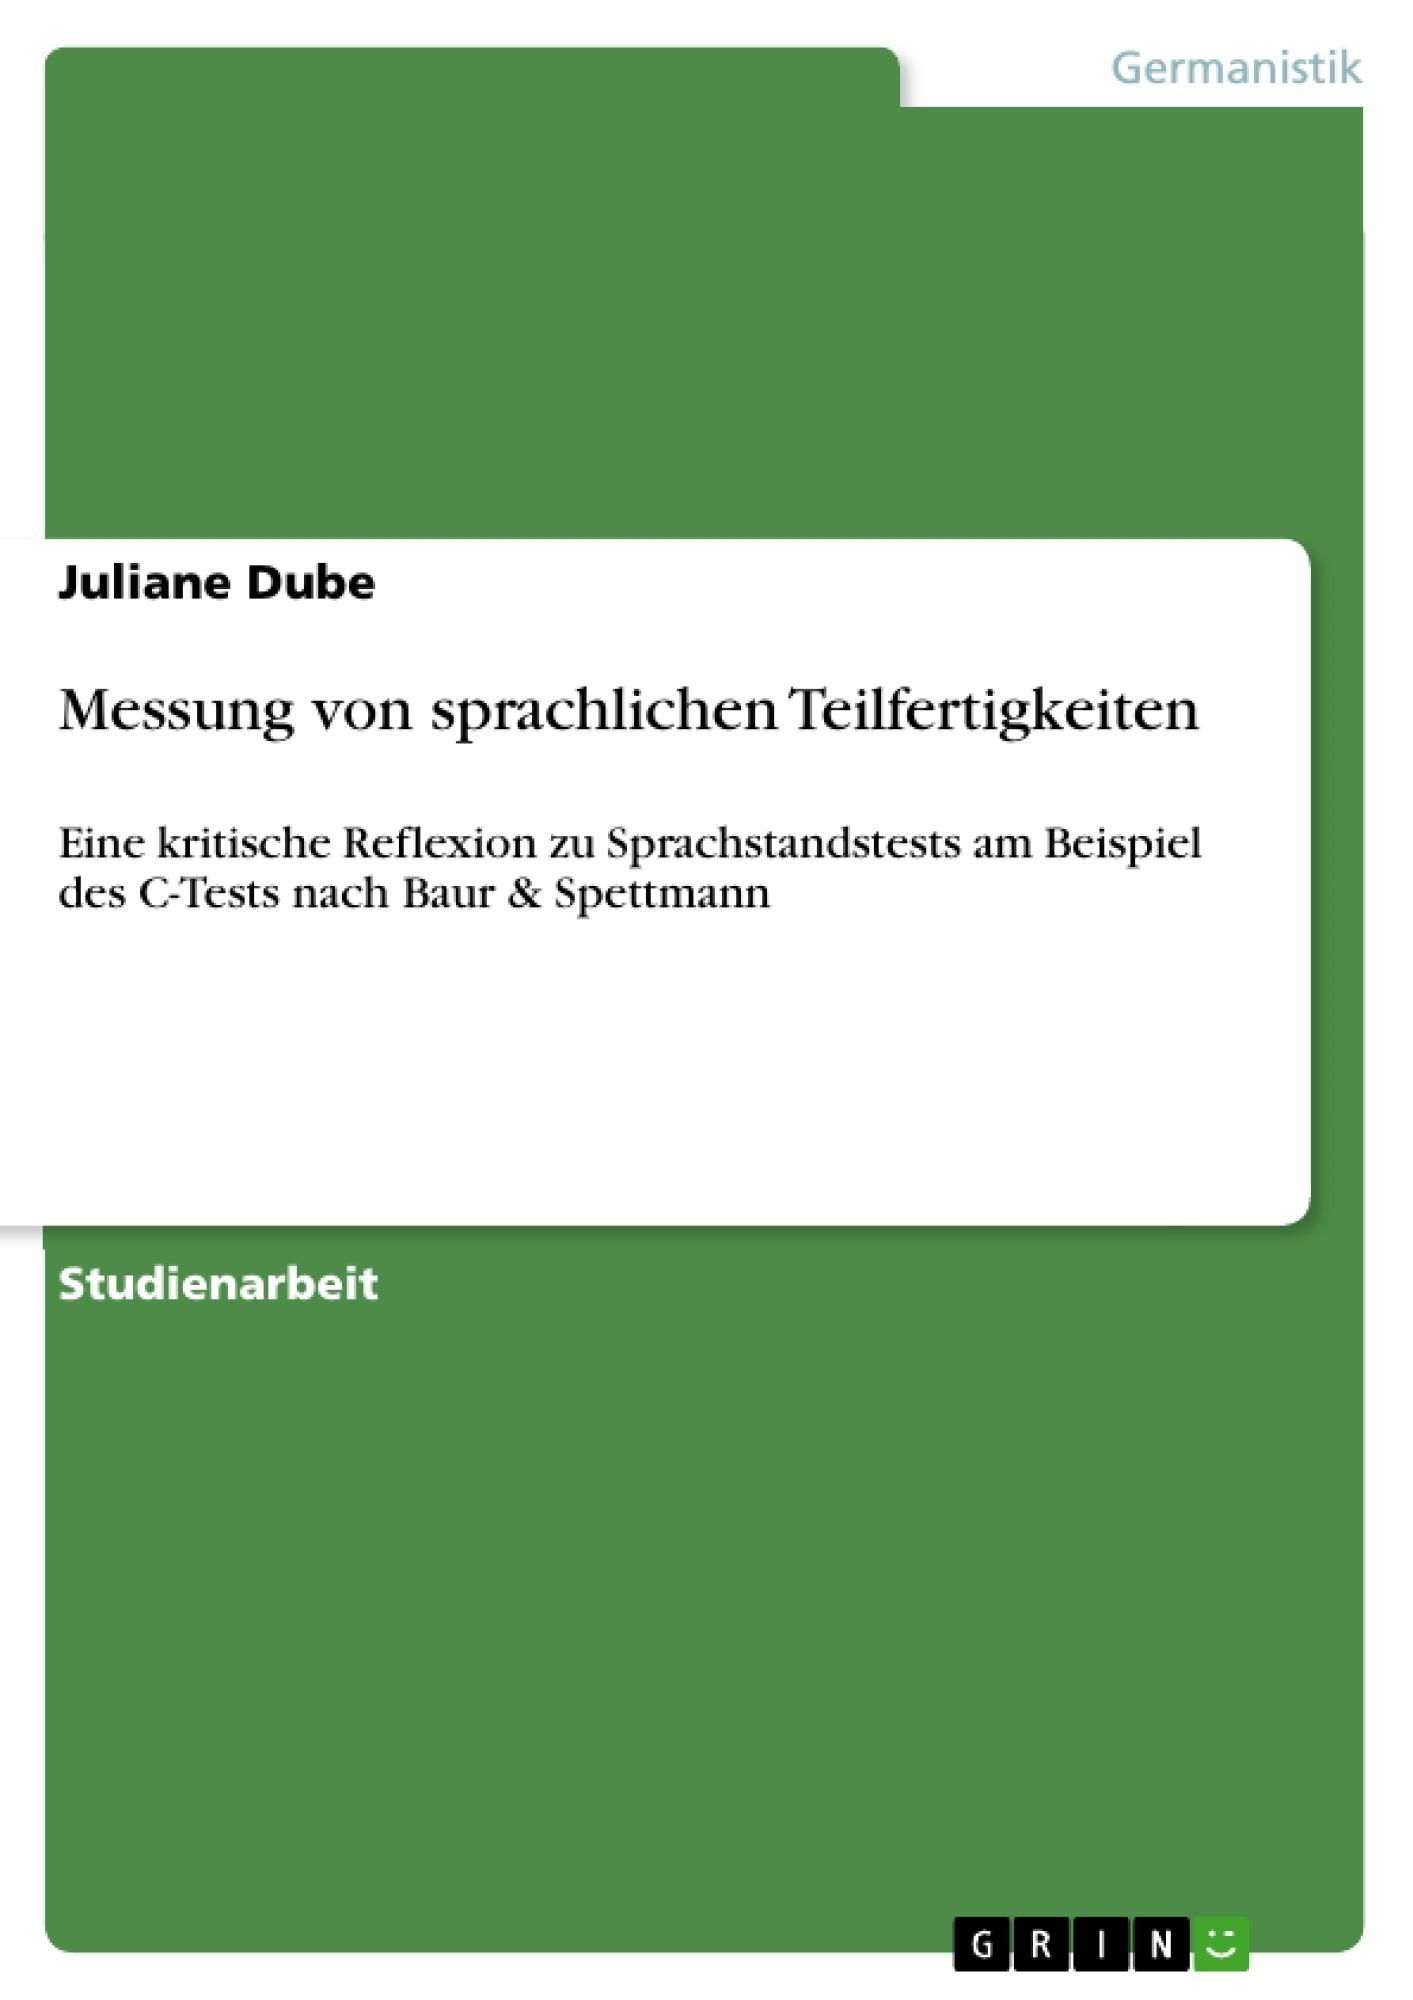 Titel: Messung von sprachlichen Teilfertigkeiten